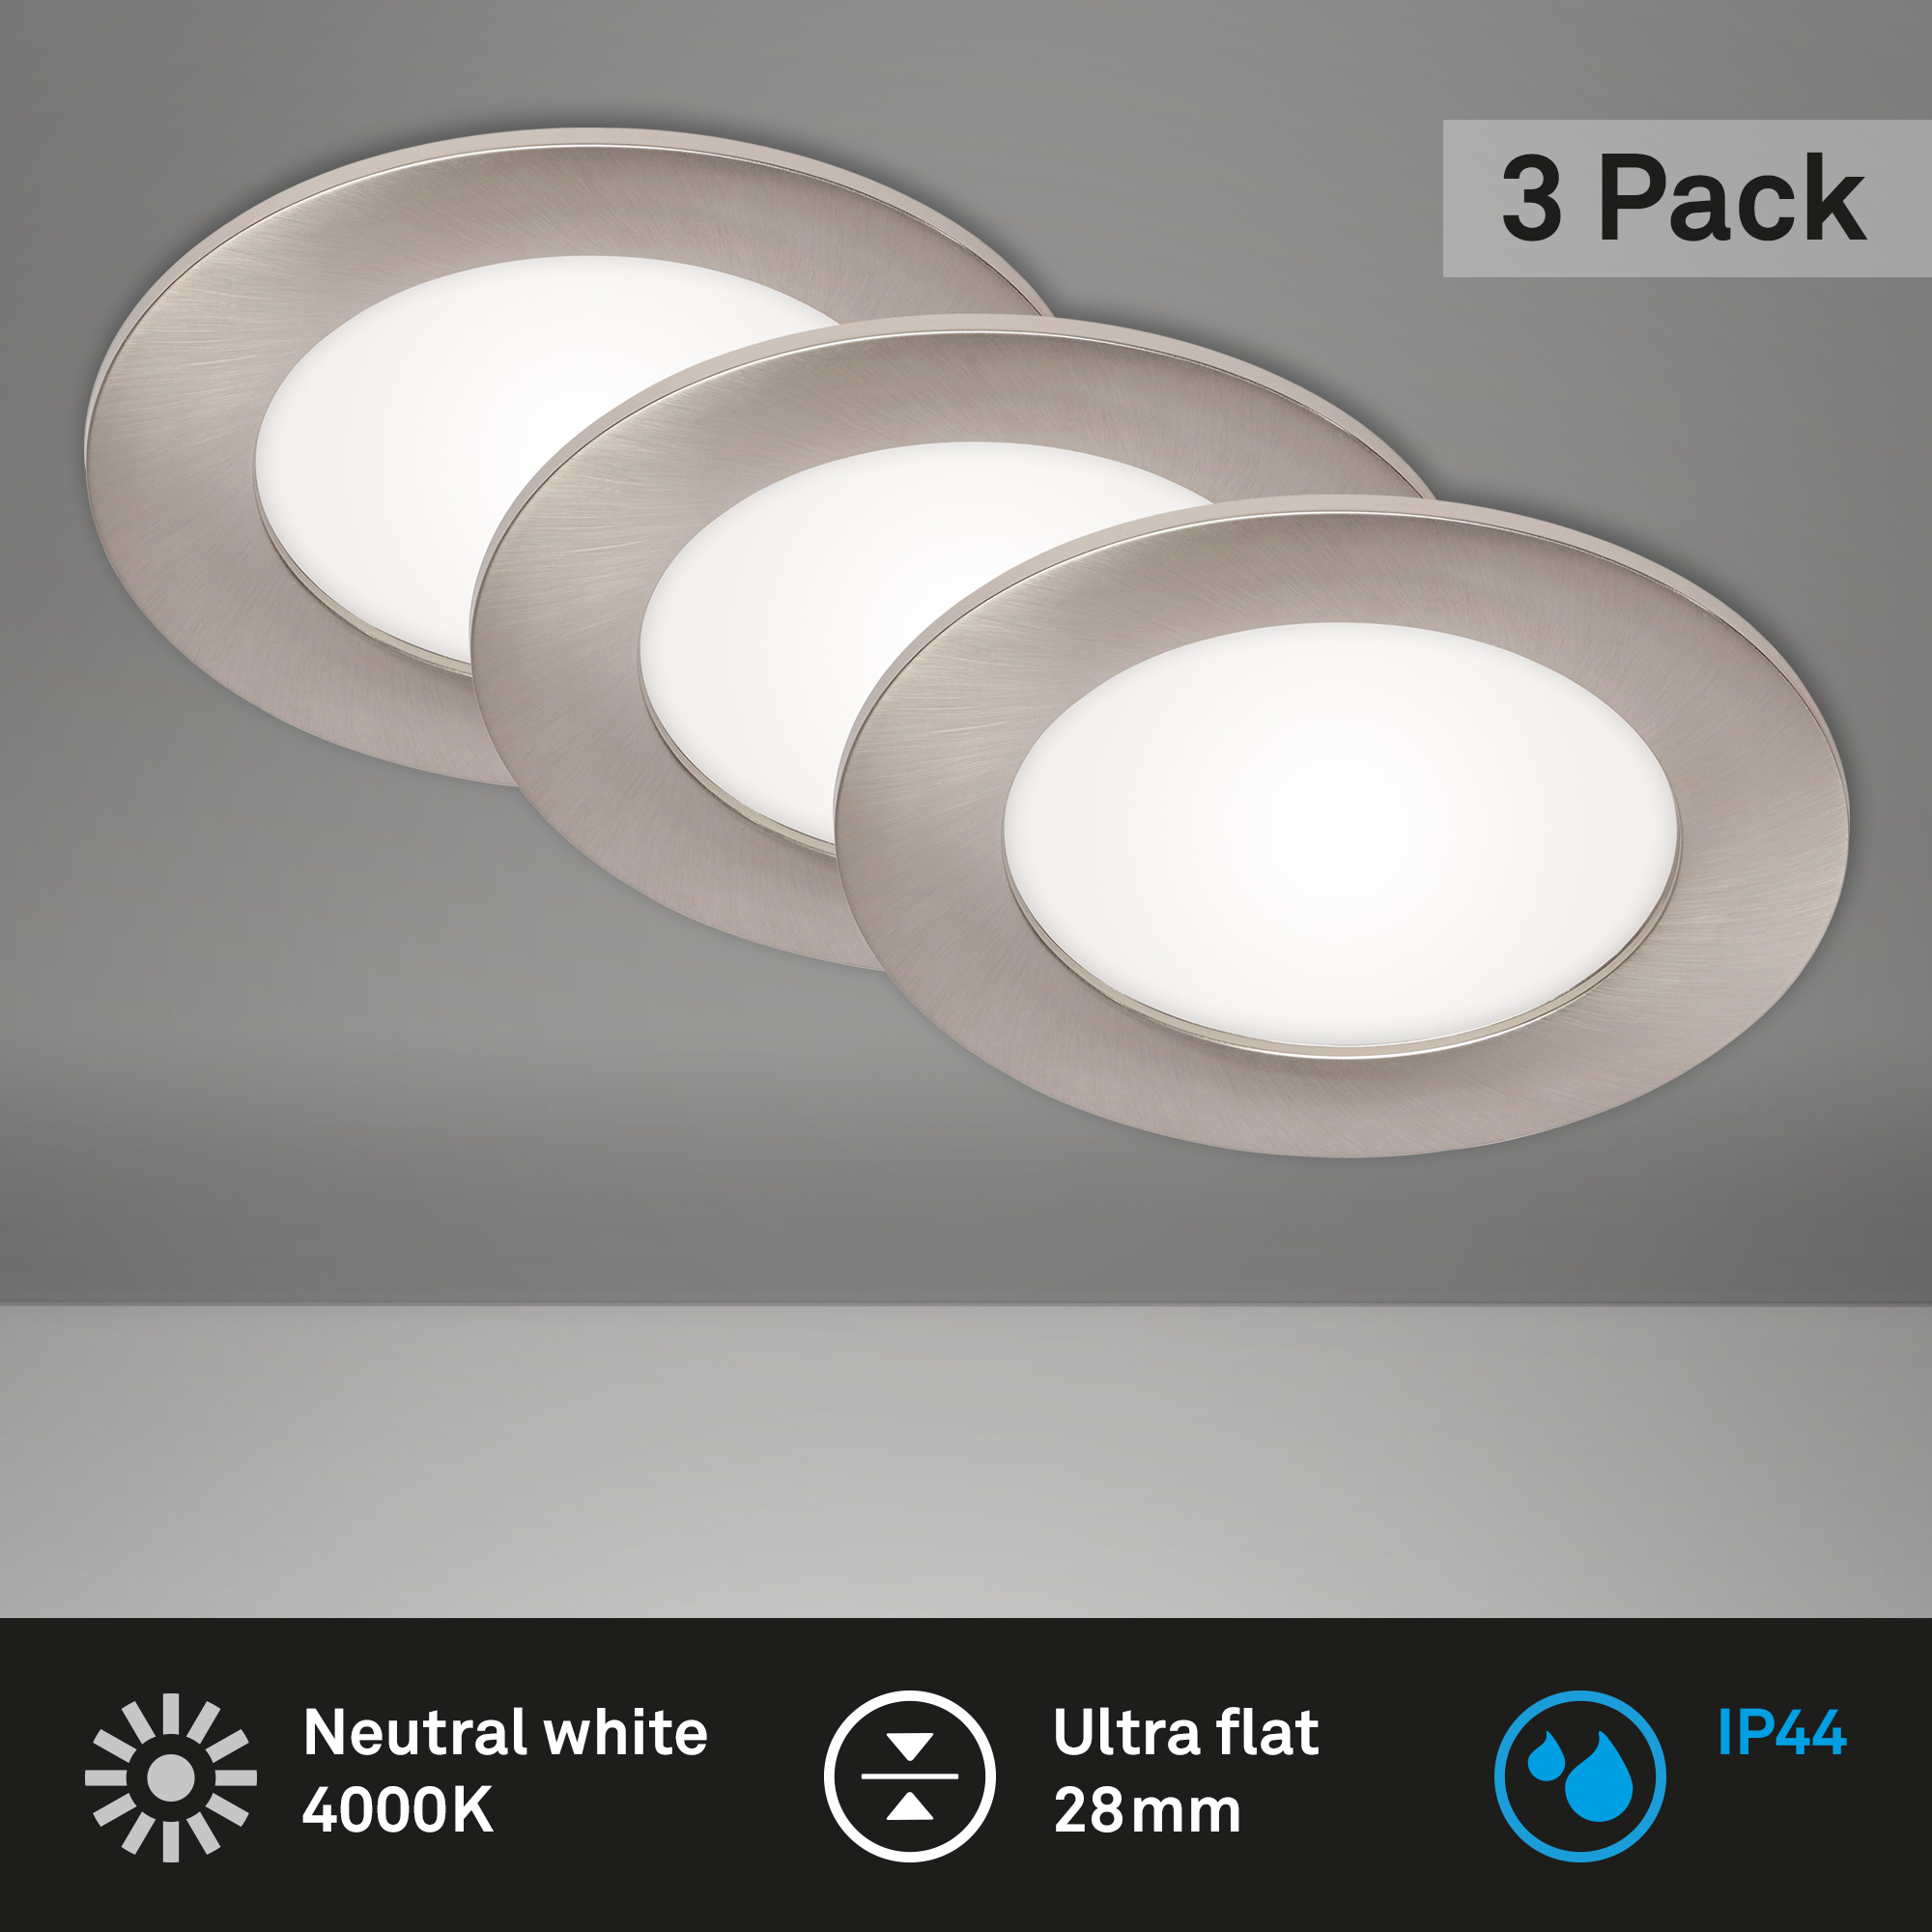 3er Set LED Einbauleuchte, Ø 12 cm, 7 W, Matt-Nickel